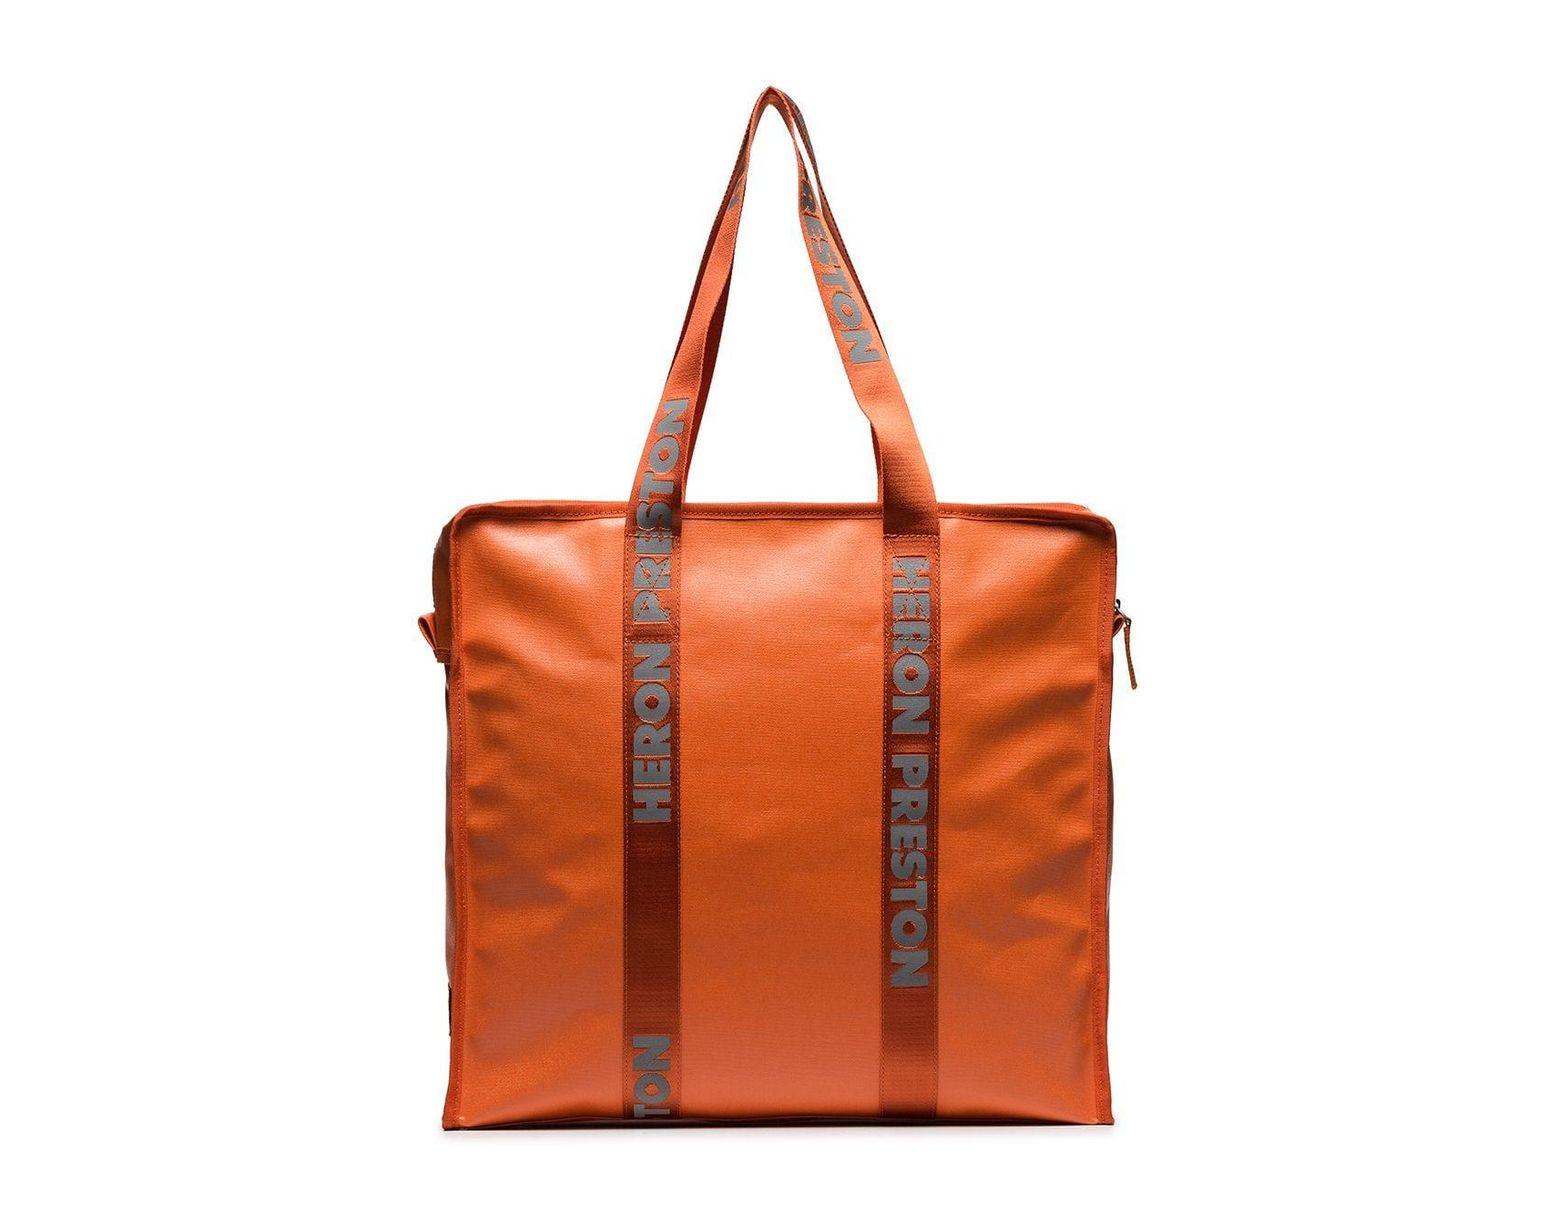 7547e4dca6 Sac cabas oversize Heron Preston pour homme en coloris Orange - Lyst